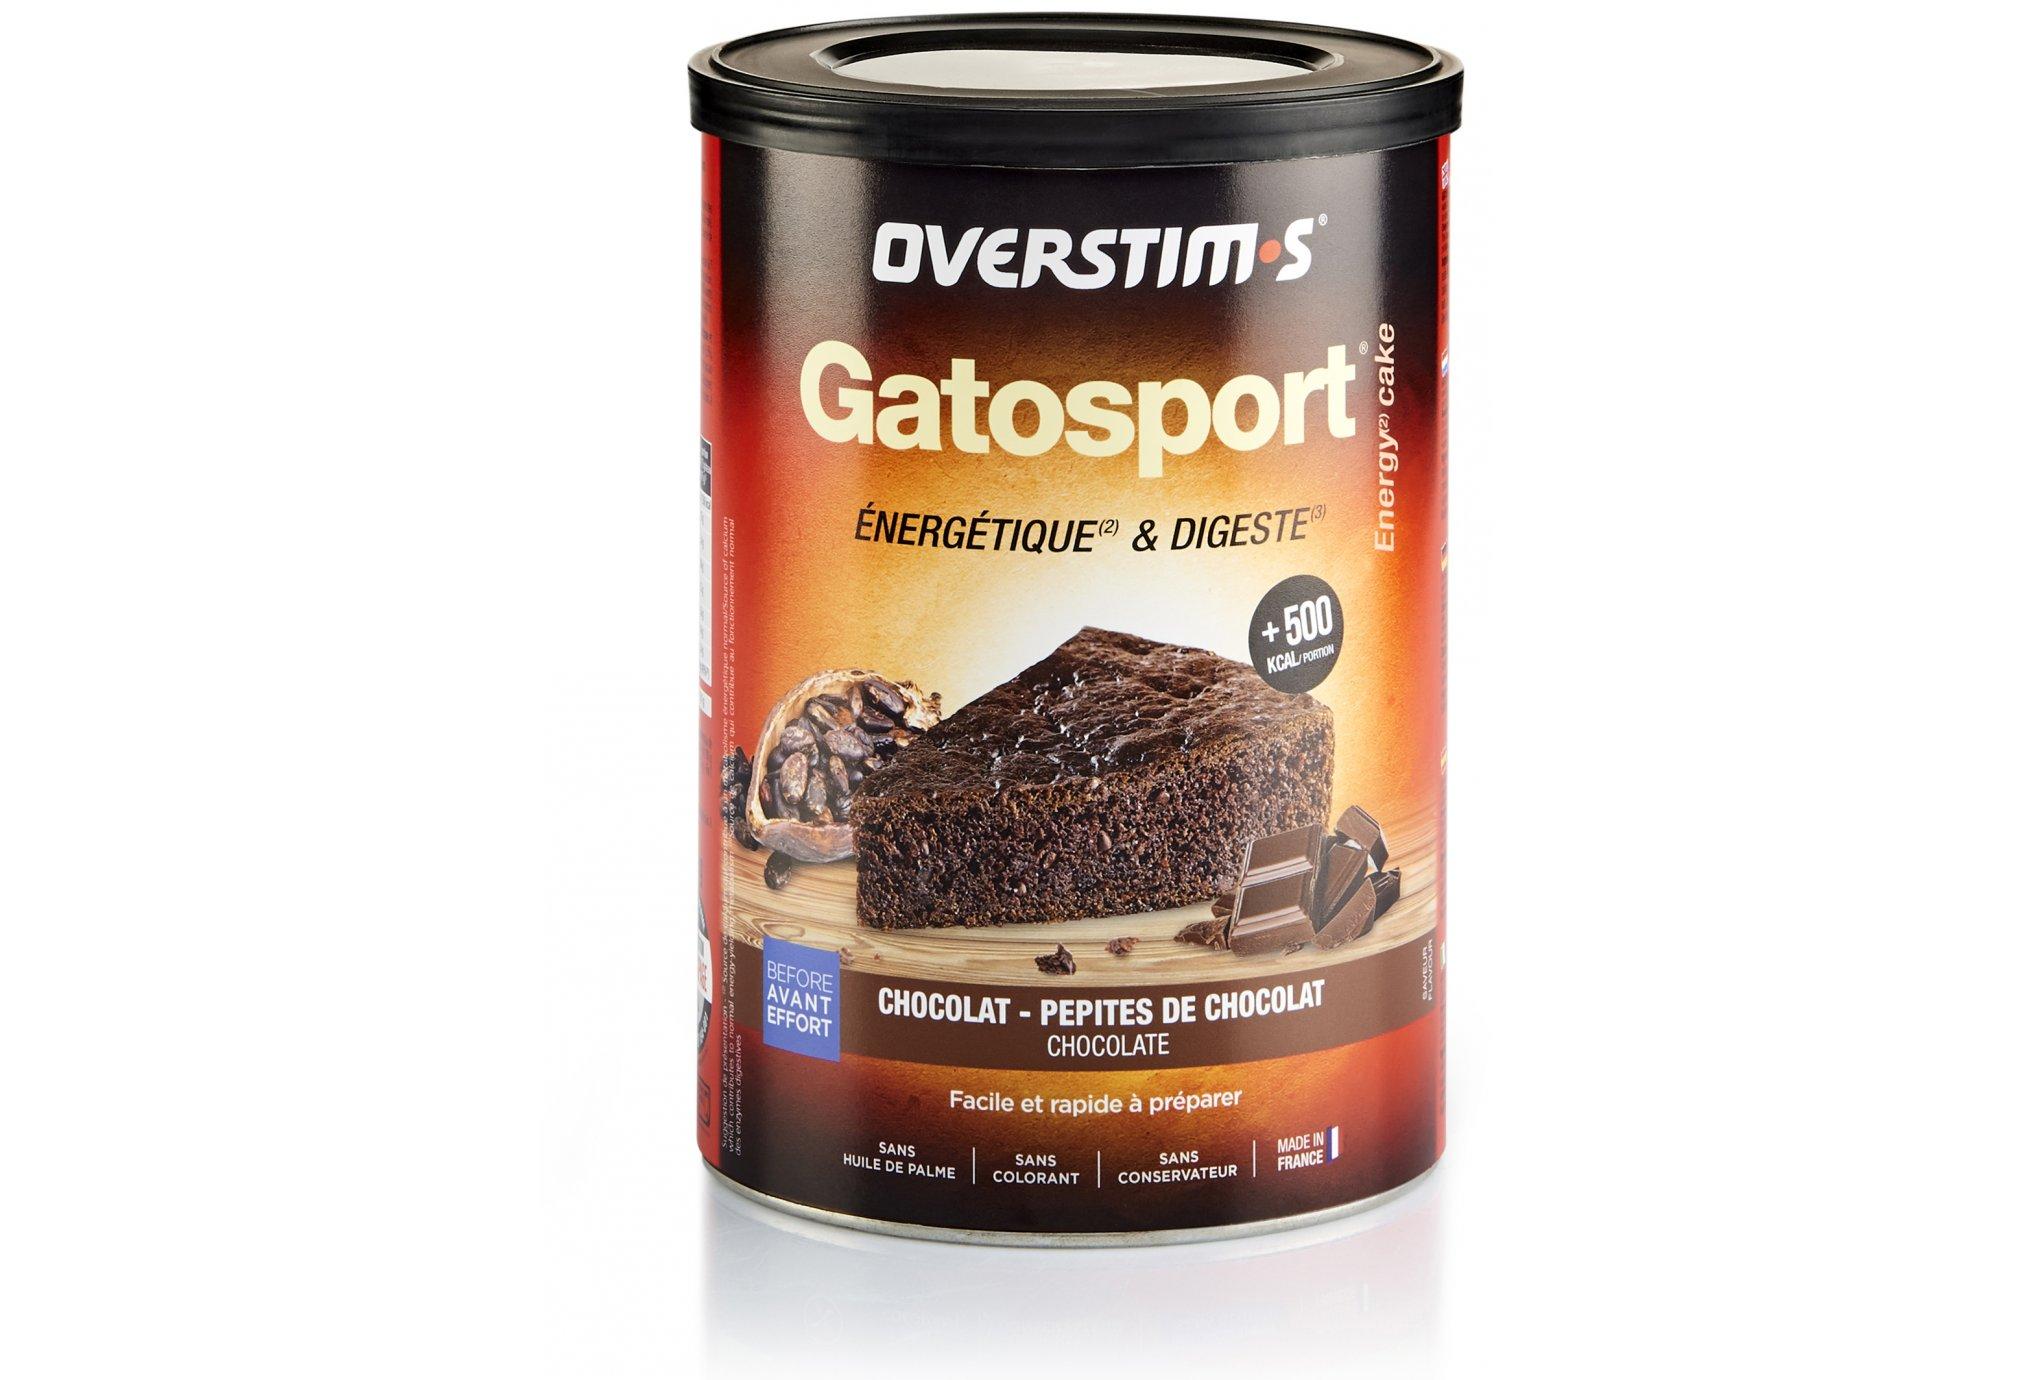 OVERSTIMS Gatosport 400 g - Chocolat/pépites de chocolat Diététique Préparation